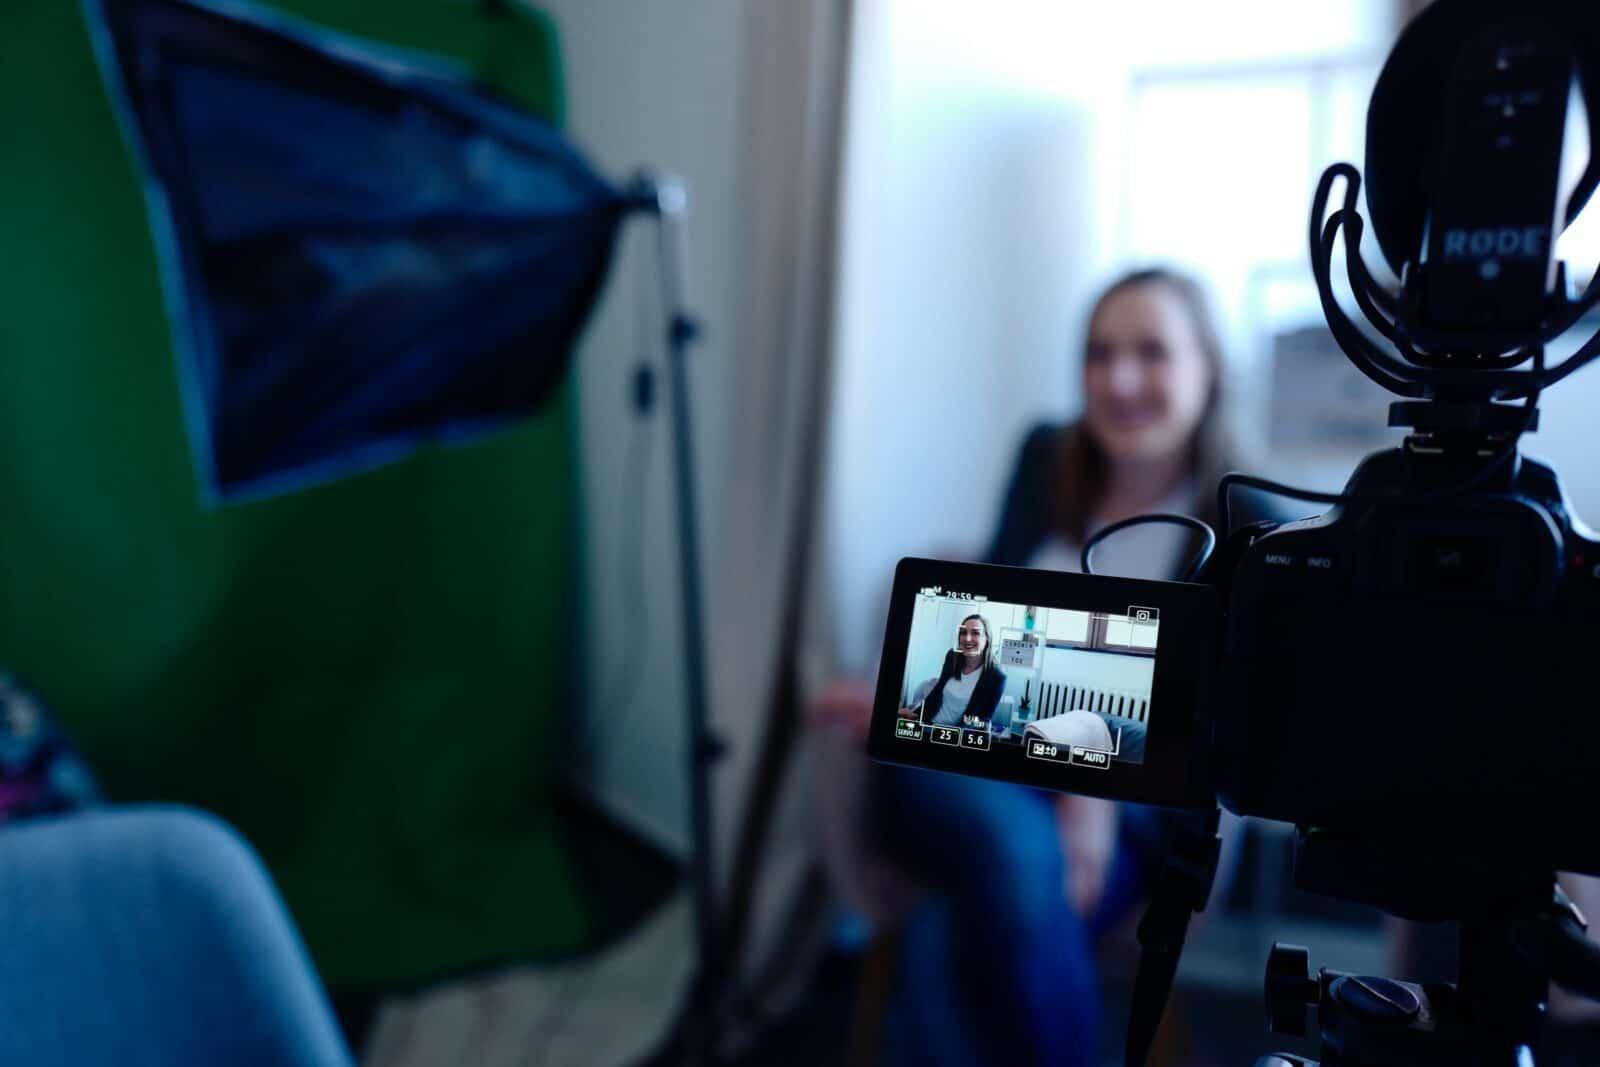 10 เทคนิคเป็นบล็อกเกอร์ เตรียมตัวออกสื่อ ให้สัมภาษณ์ยังไงให้ได้ประโยชน์สูงสุด